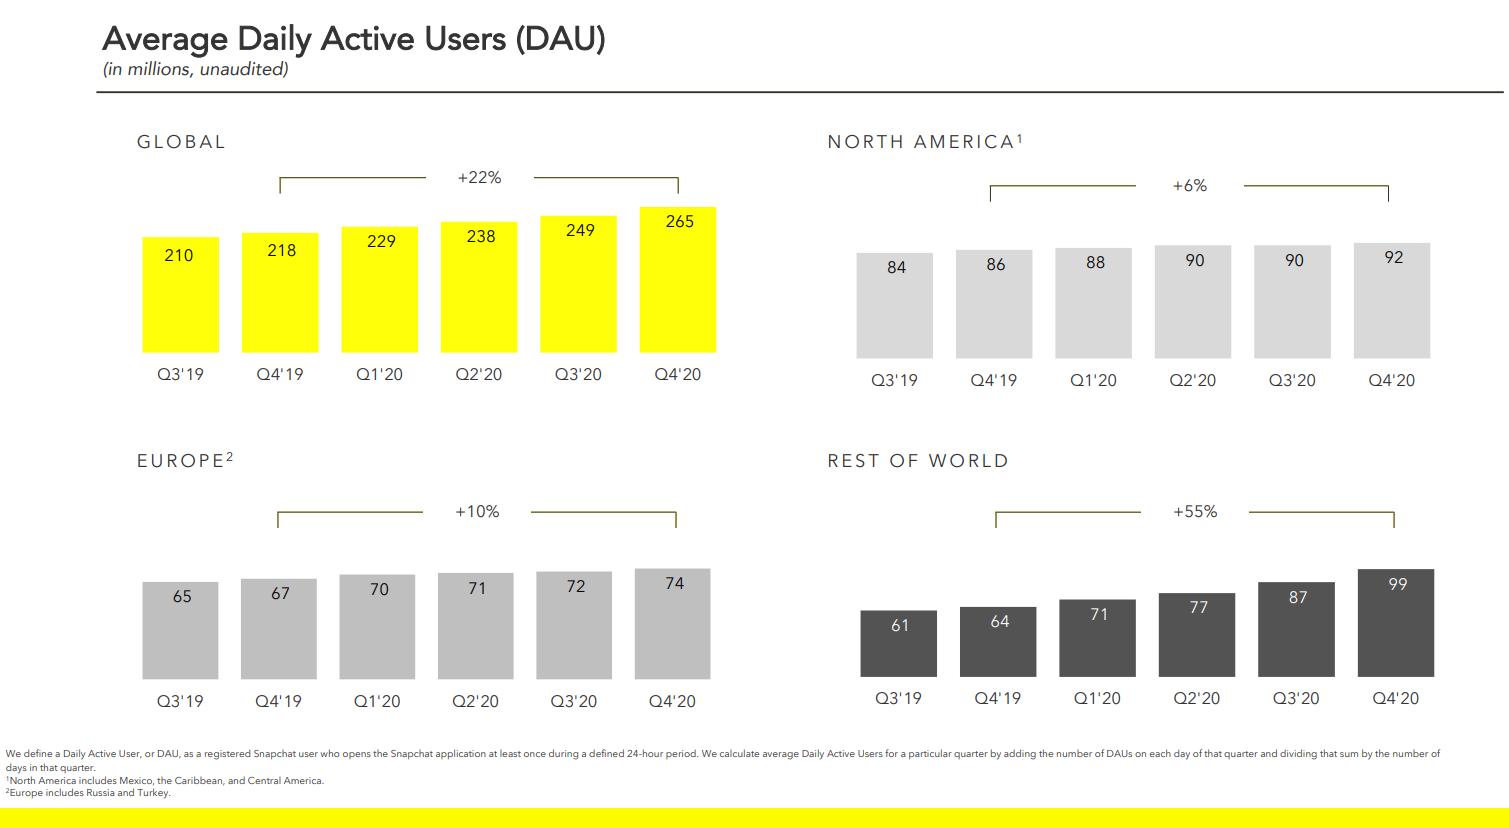 Evolution des utilisateurs actifs quotidiens de Snapchat dans le monde (2019-2020). feb 2021